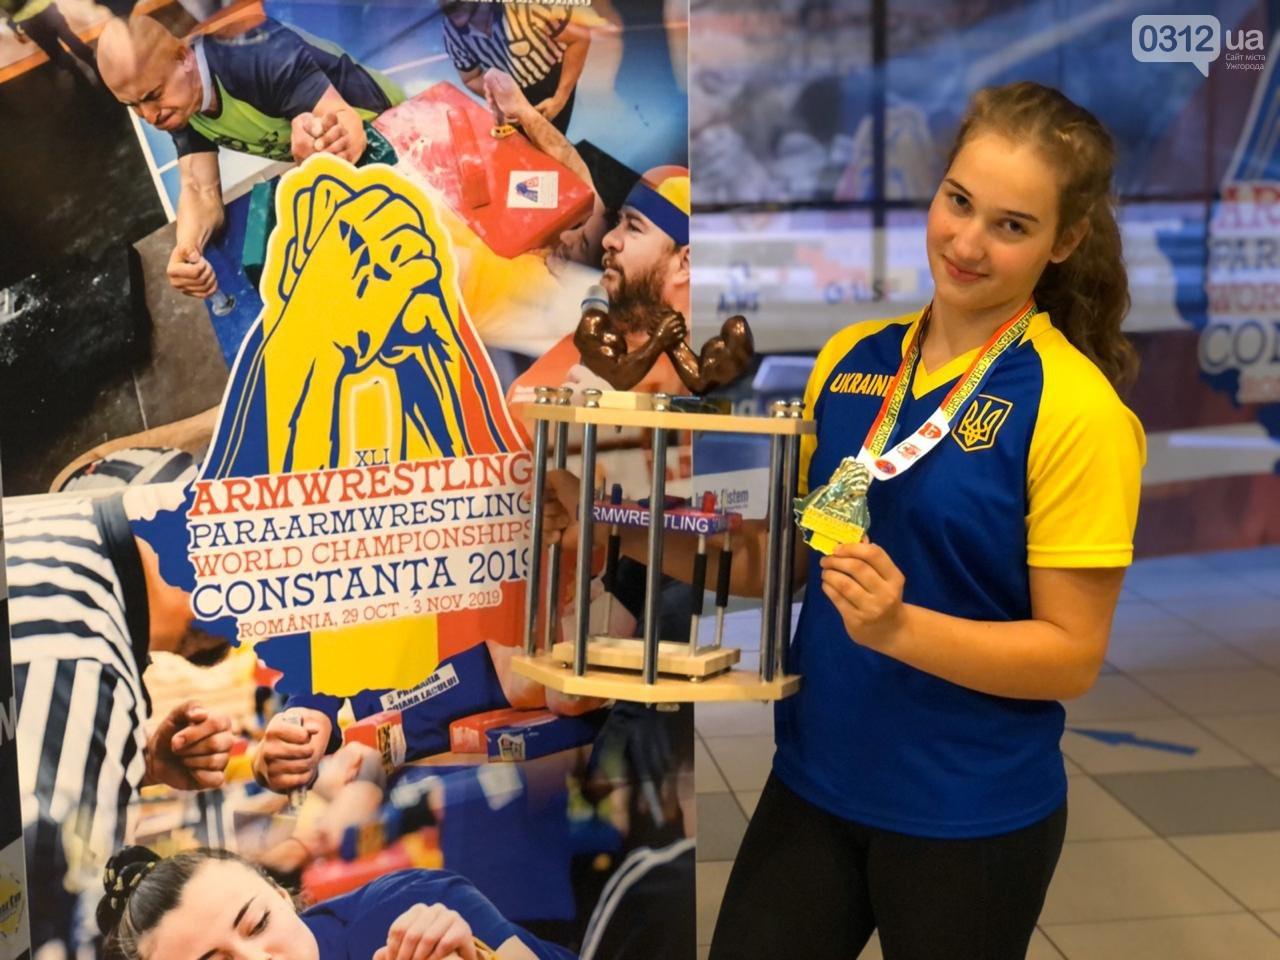 Чемпіонат пройшов у румунському місті Константа. 14-річна спортсменка перемогла у ваговій категорії 60 кілограмів.